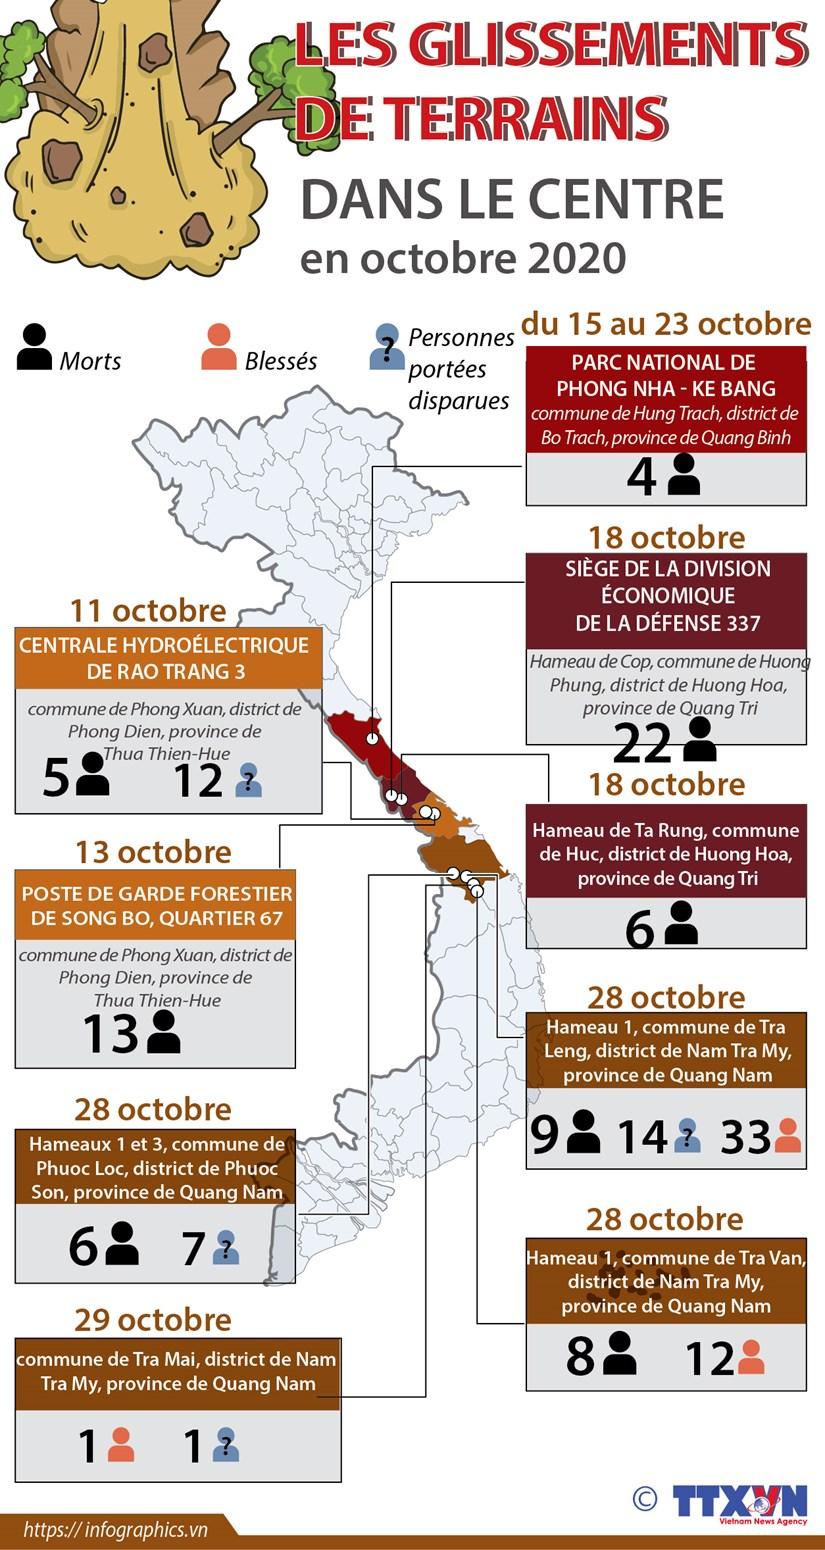 Les glissements de terrains dans le Centre en octobre hinh anh 1